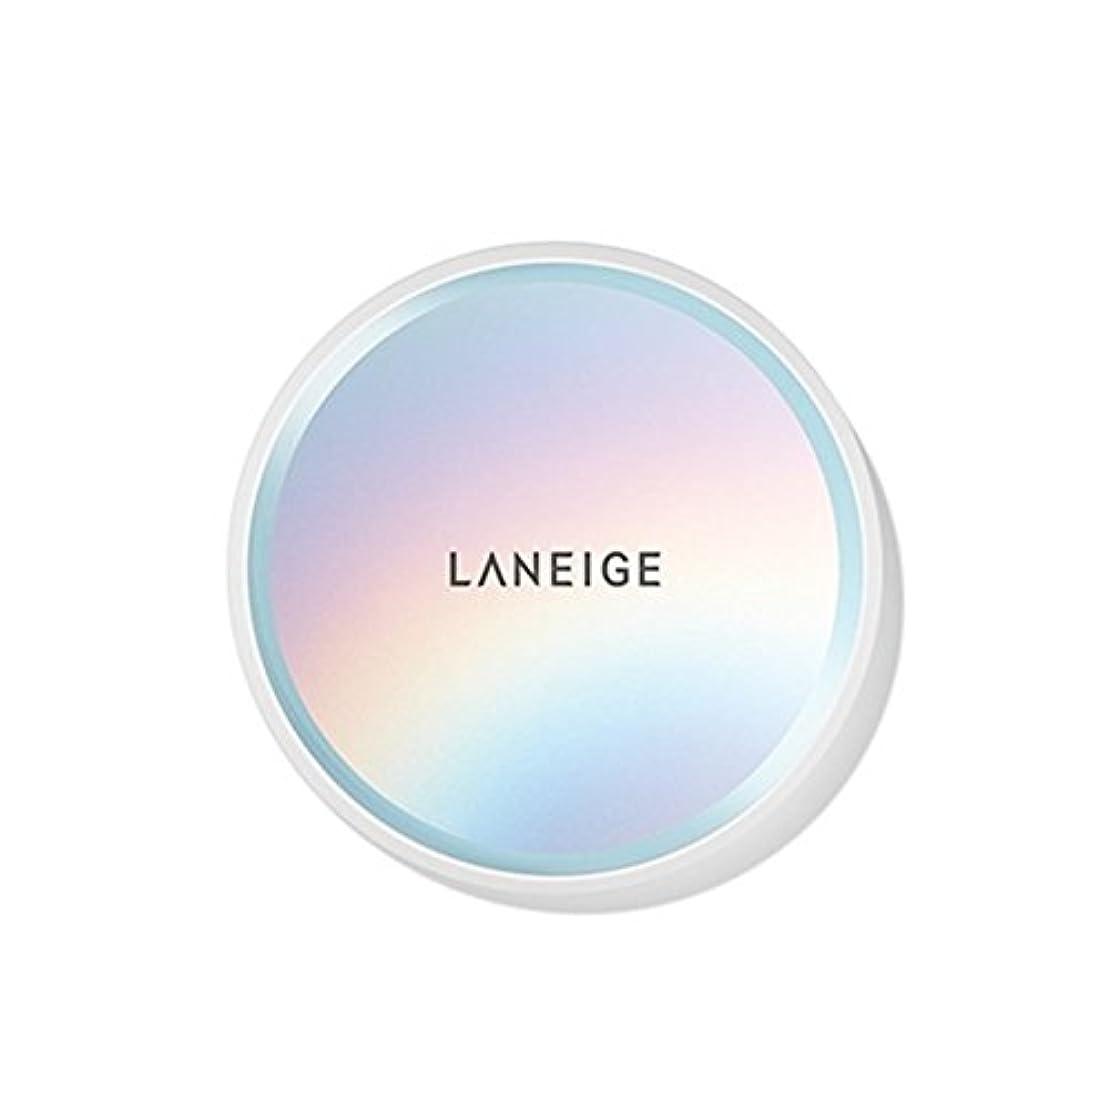 マークダウンポテトねばねば【ラネージュ】 LANEIGE BB Cushion Pore Control BBクッションポアコントロール 【韓国直送品】 OOPSPANDA (4.No. 23 Sand)